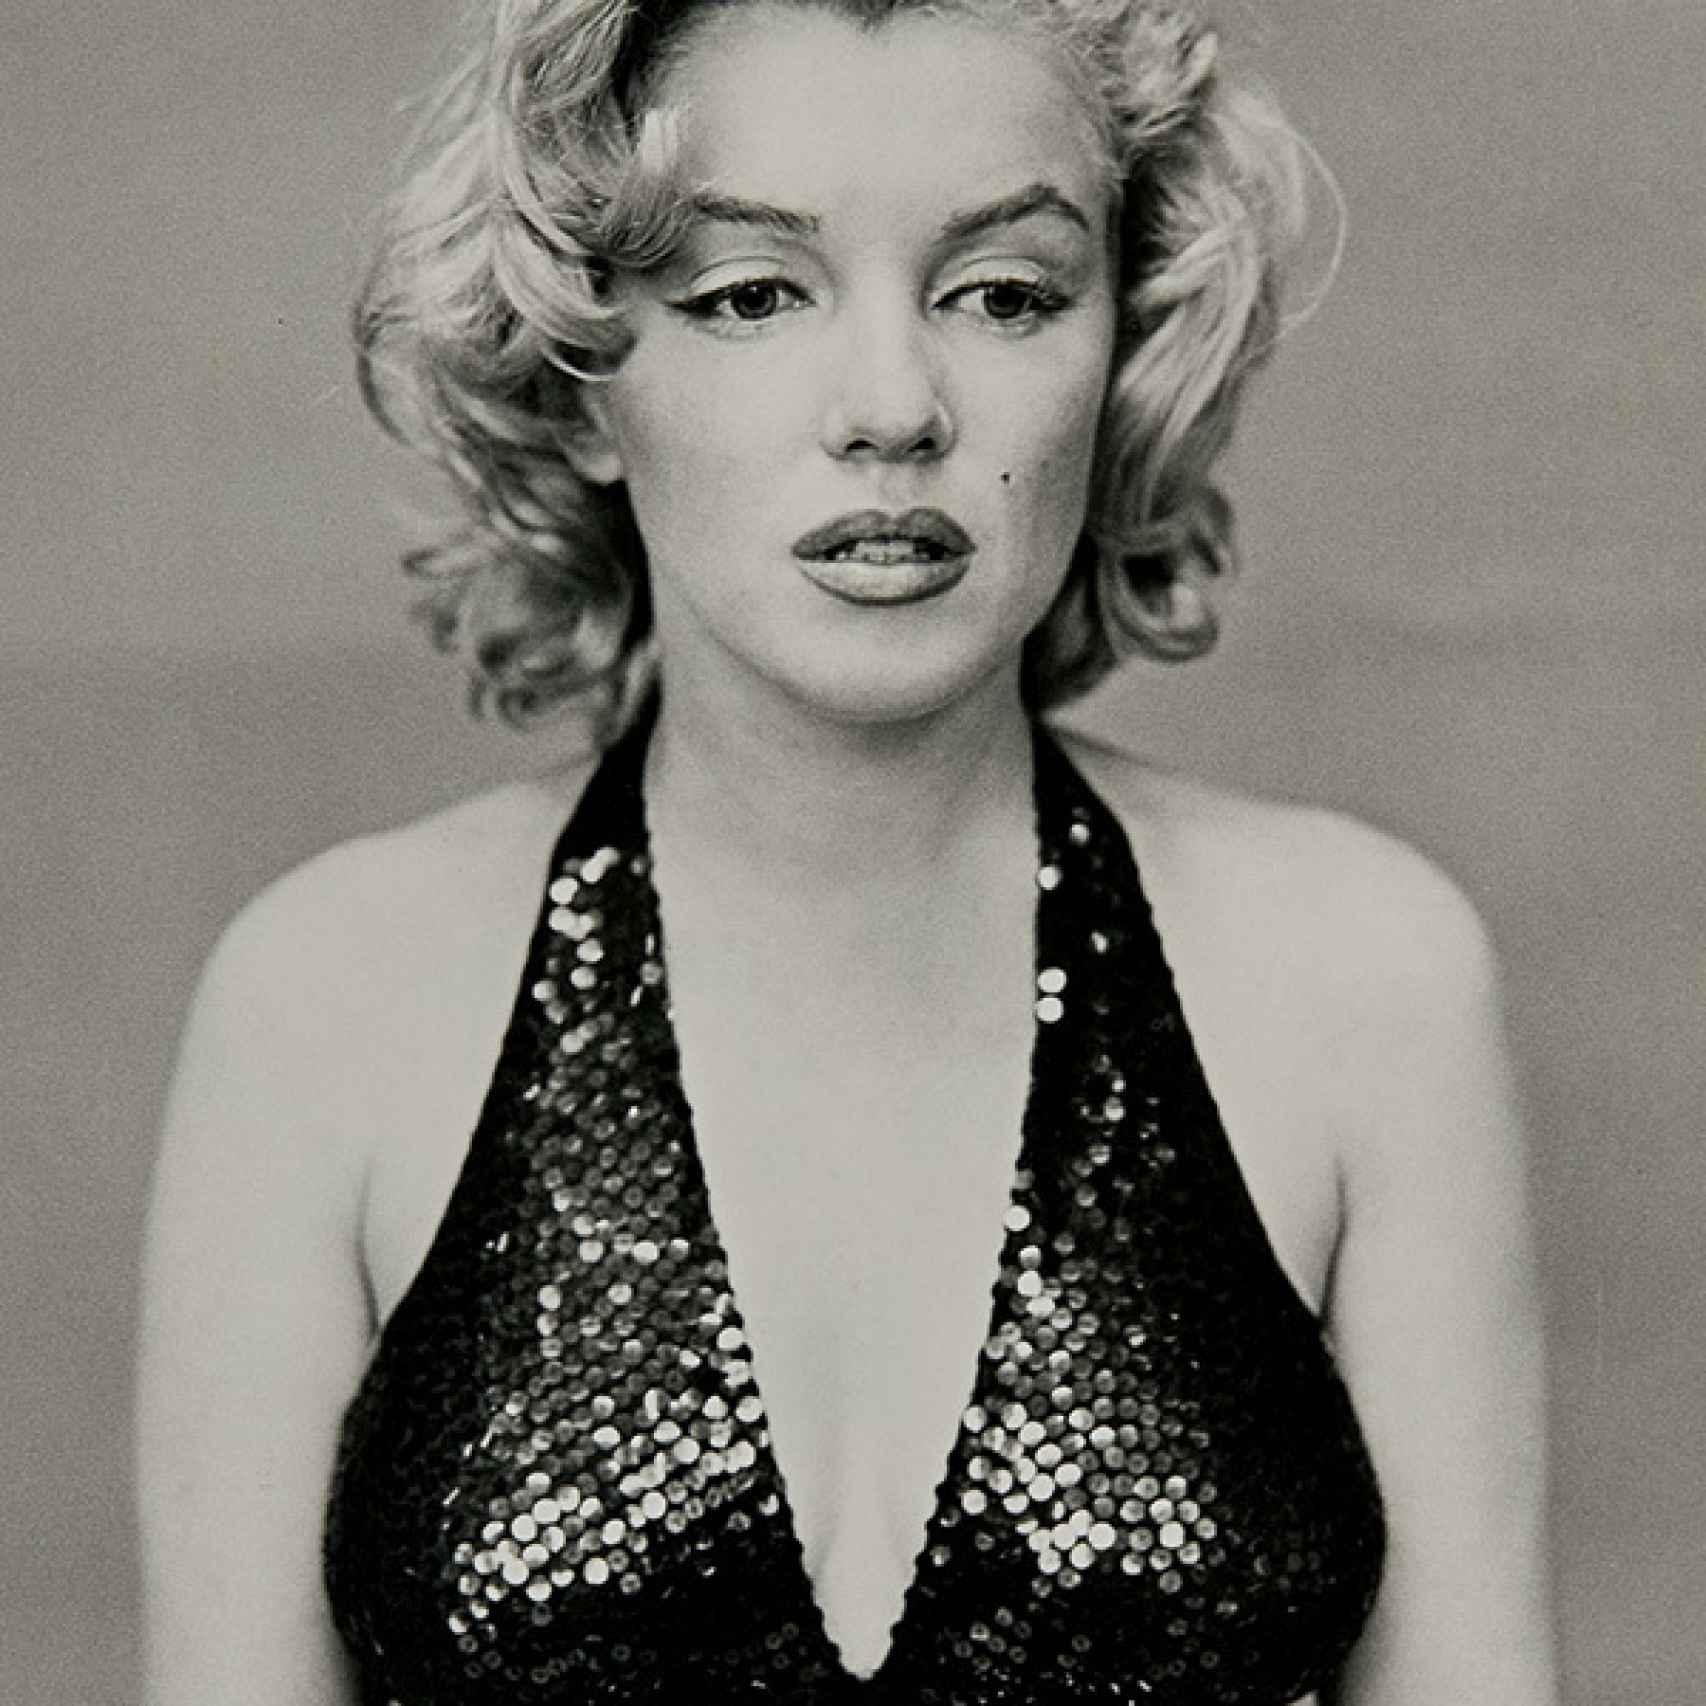 Marilyn Monroe fotografiada por Avedon en el Nueva York de 1957